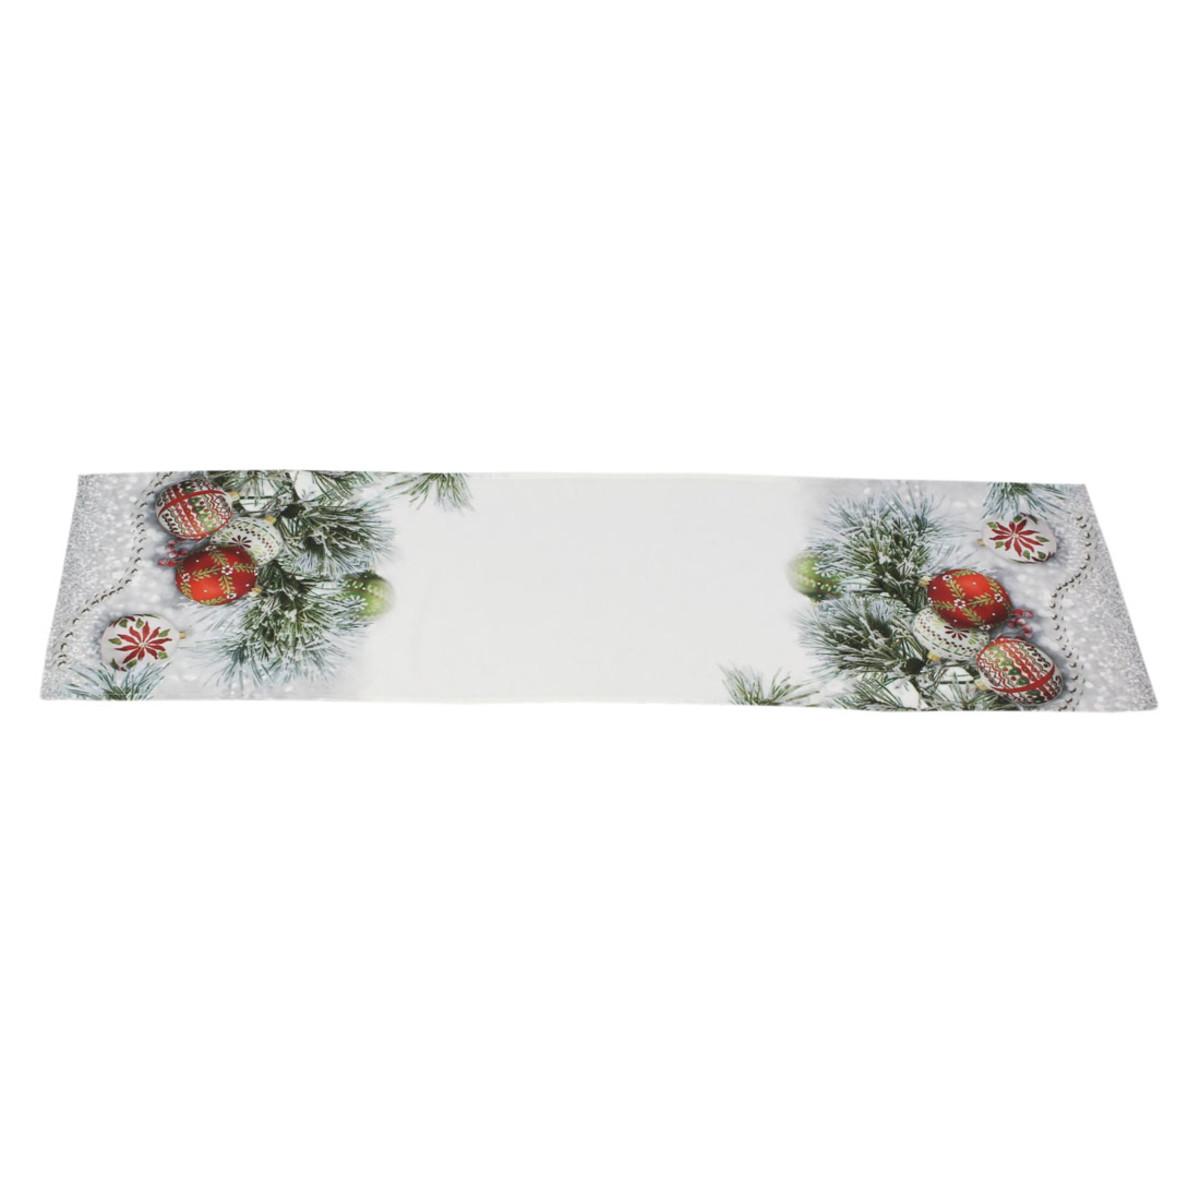 Дорожка на стол Хит-декор Елочные шары 06590 140х40 см